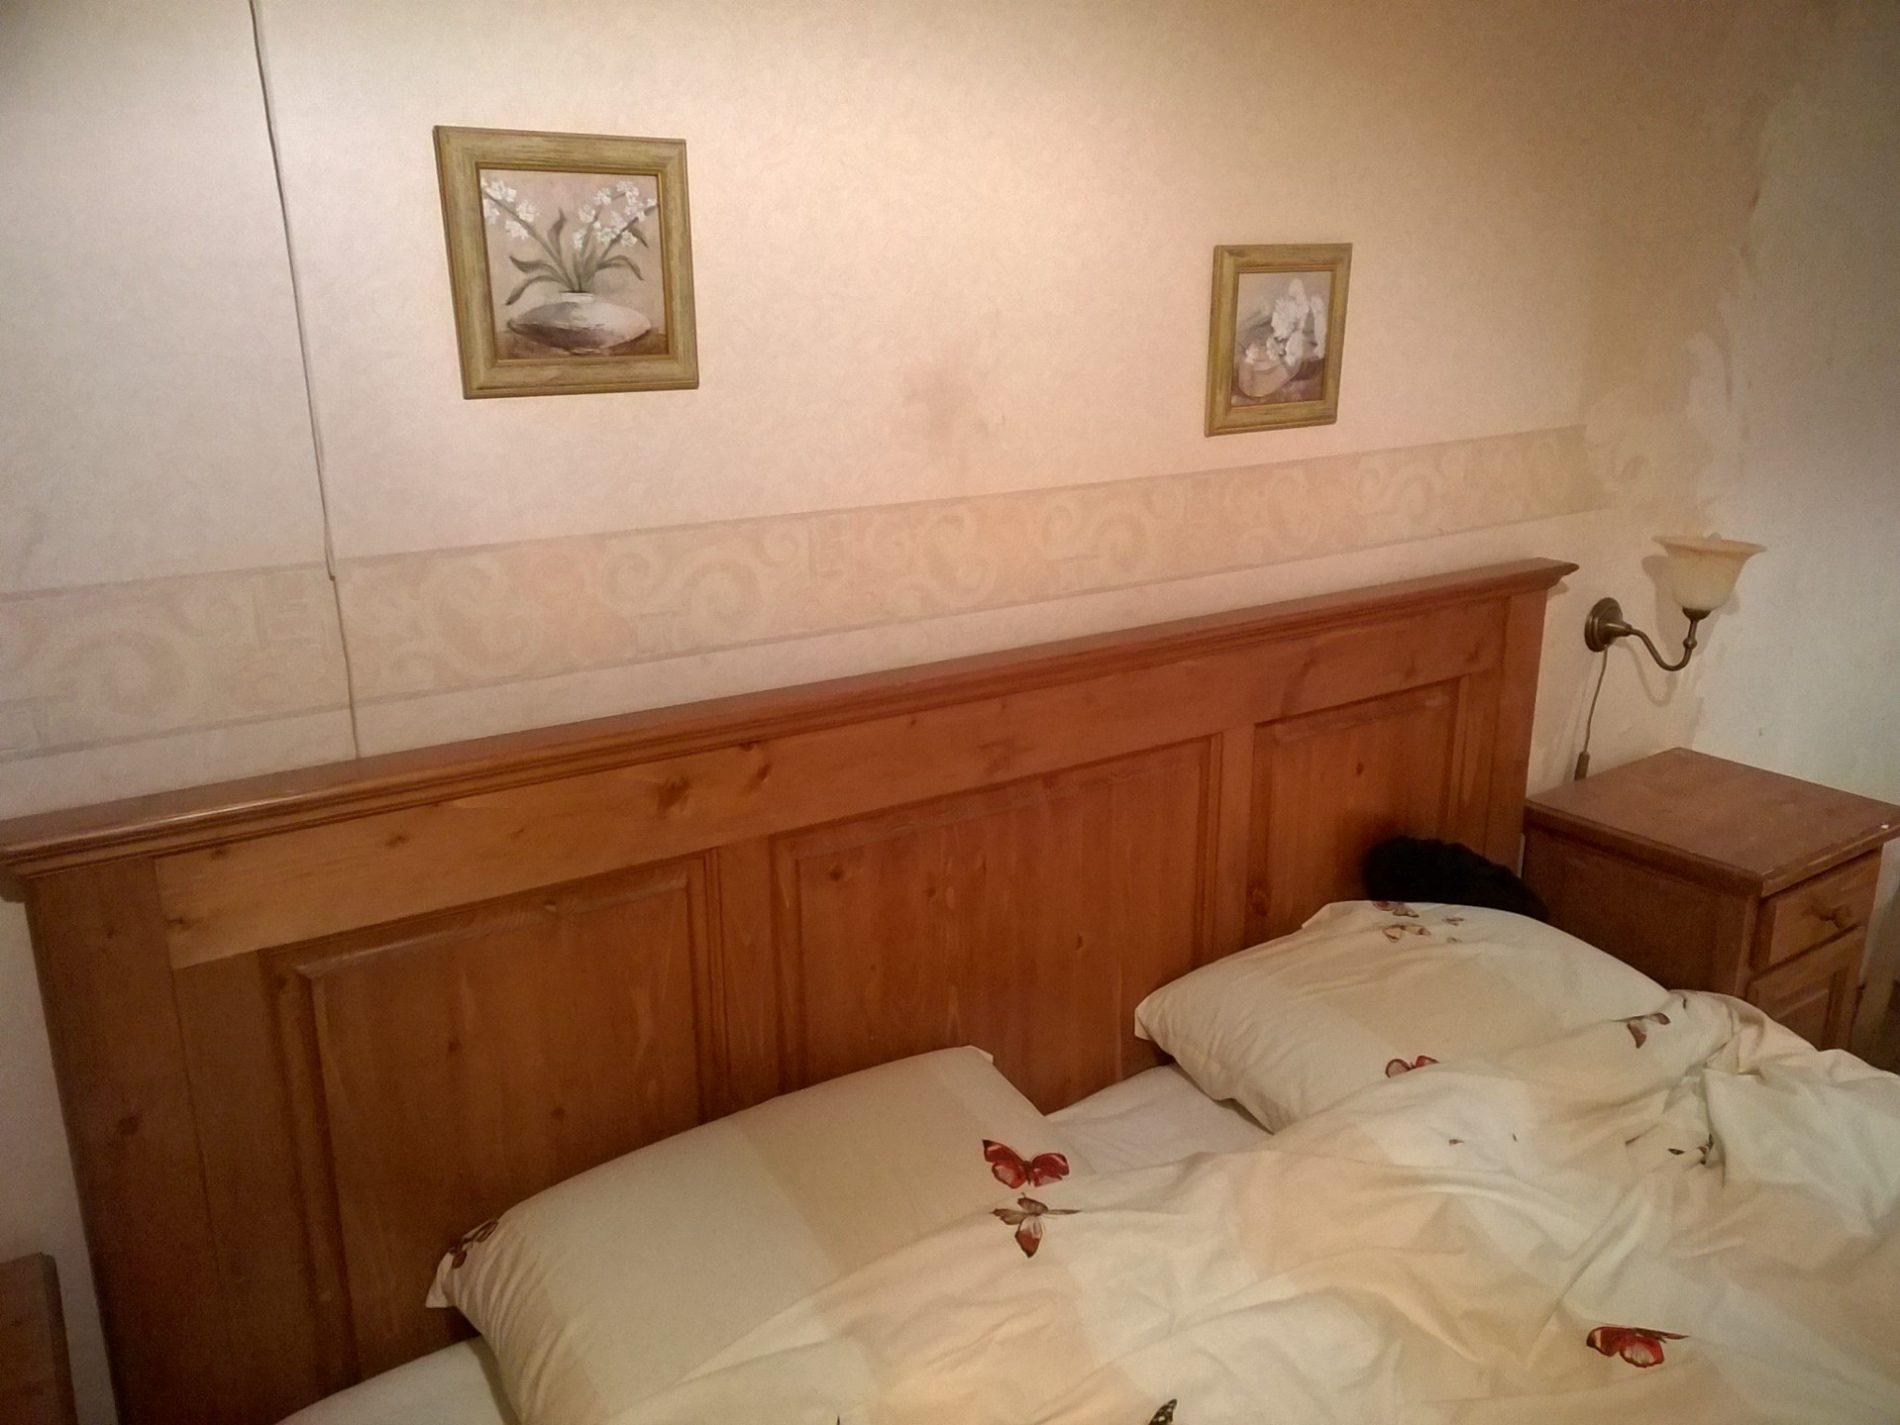 Slaapkamer Met Tapijt : Tapijt slaapkamer geldermalsen betuwse woonideeen